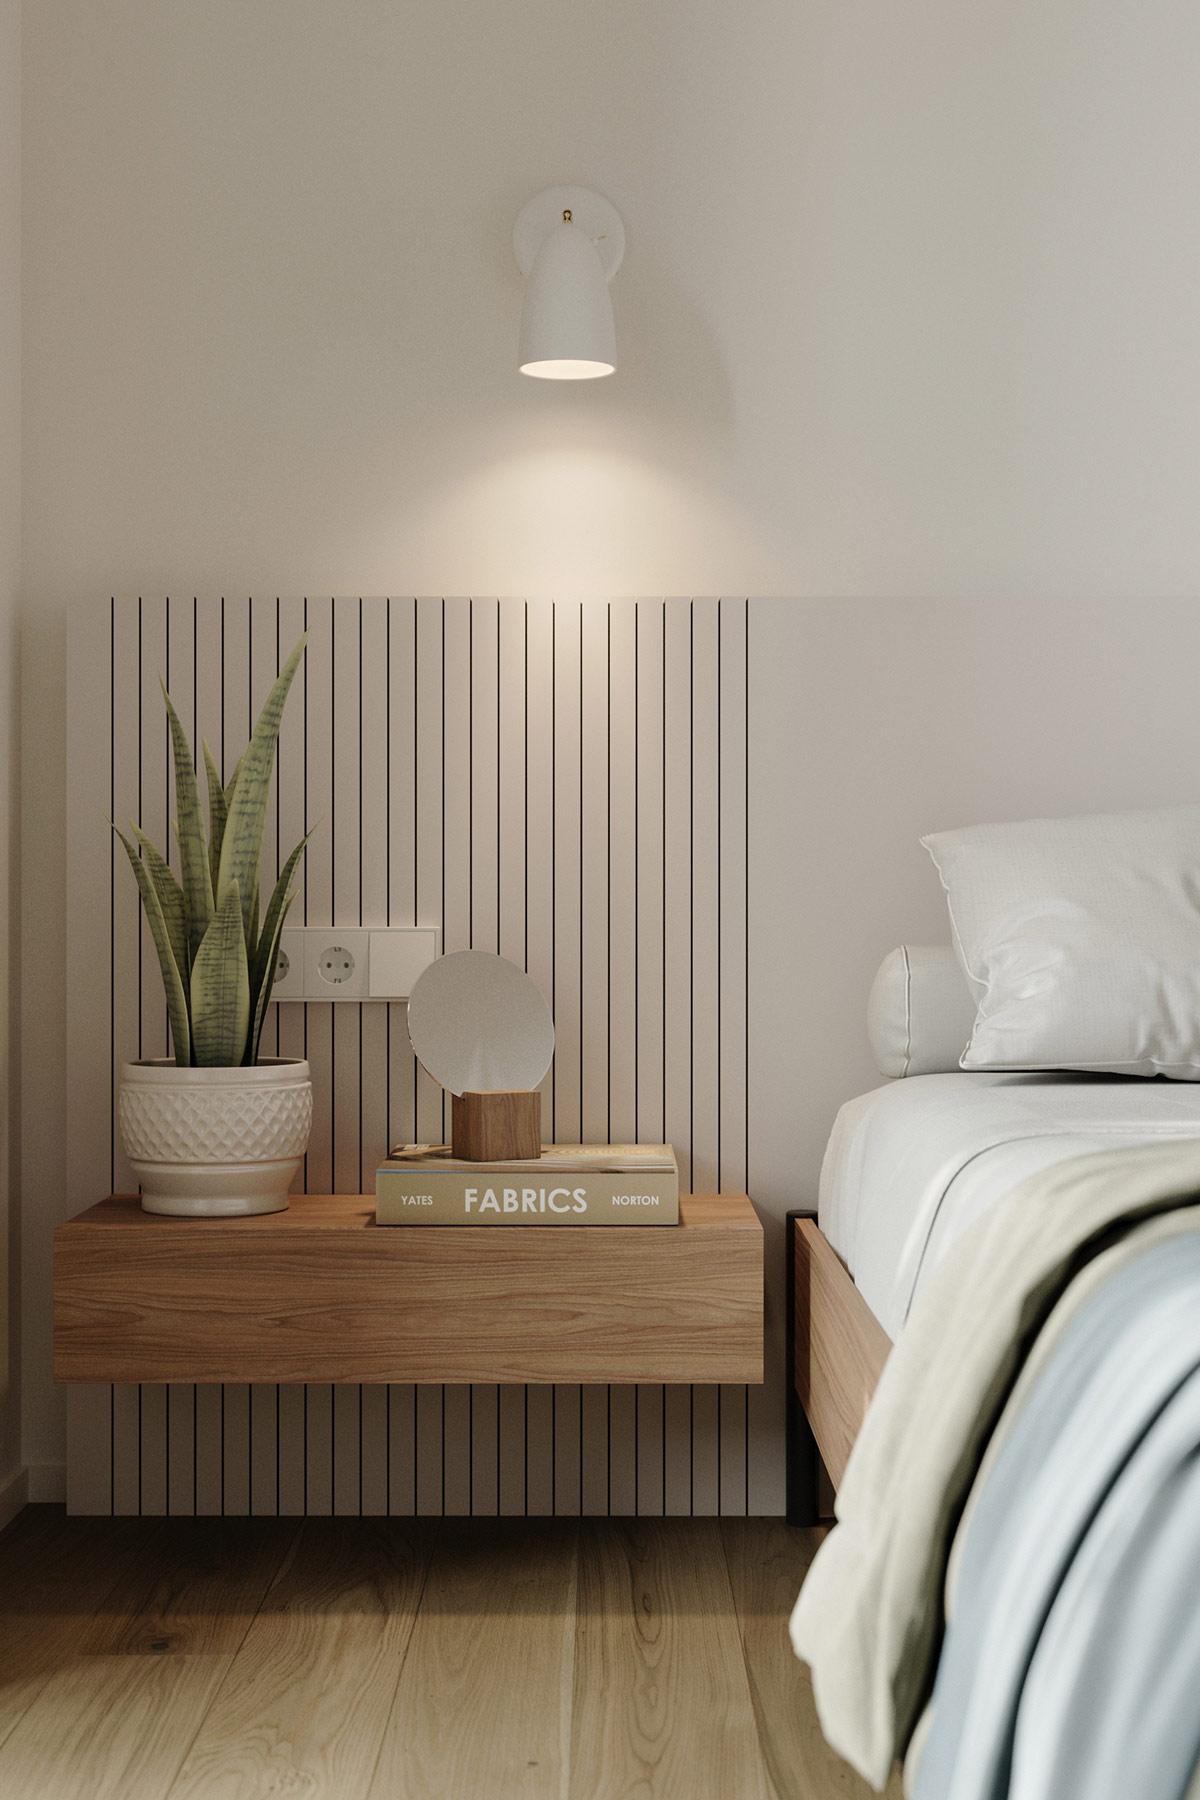 Tư vấn thiết kế căn hộ 69m² với phong cách tối giản trong khoảng chi phí 170 triệu đồng - ảnh 8